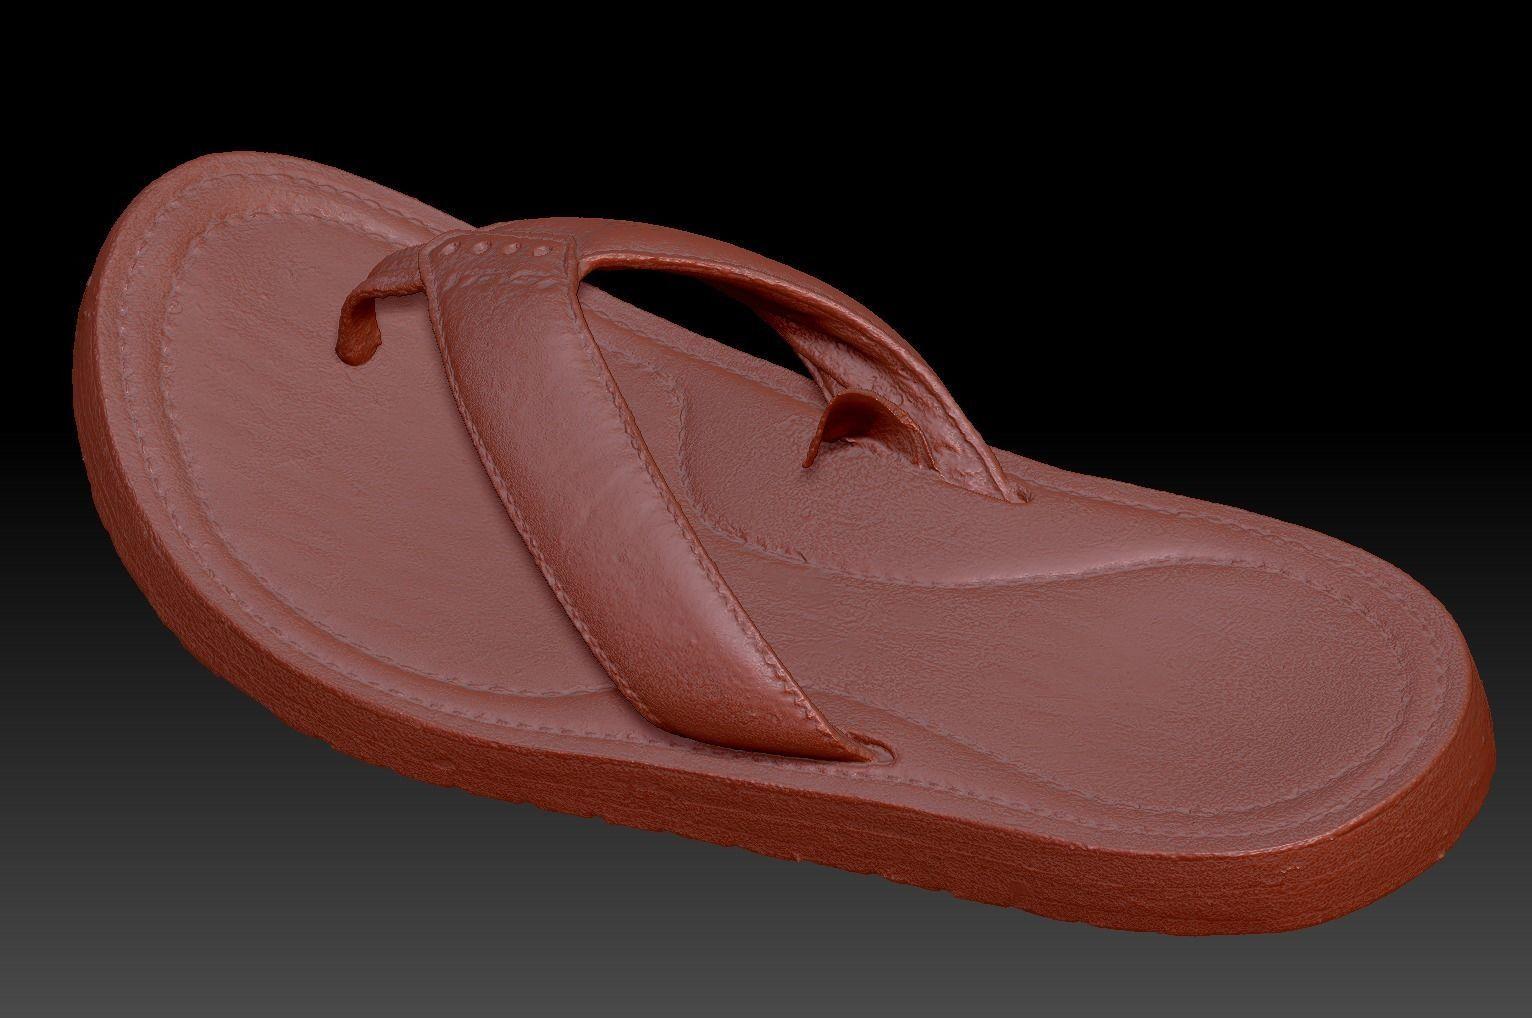 e4a478ee16af5f ... old teva sandal 3d model max fbx c4d ma mb 10